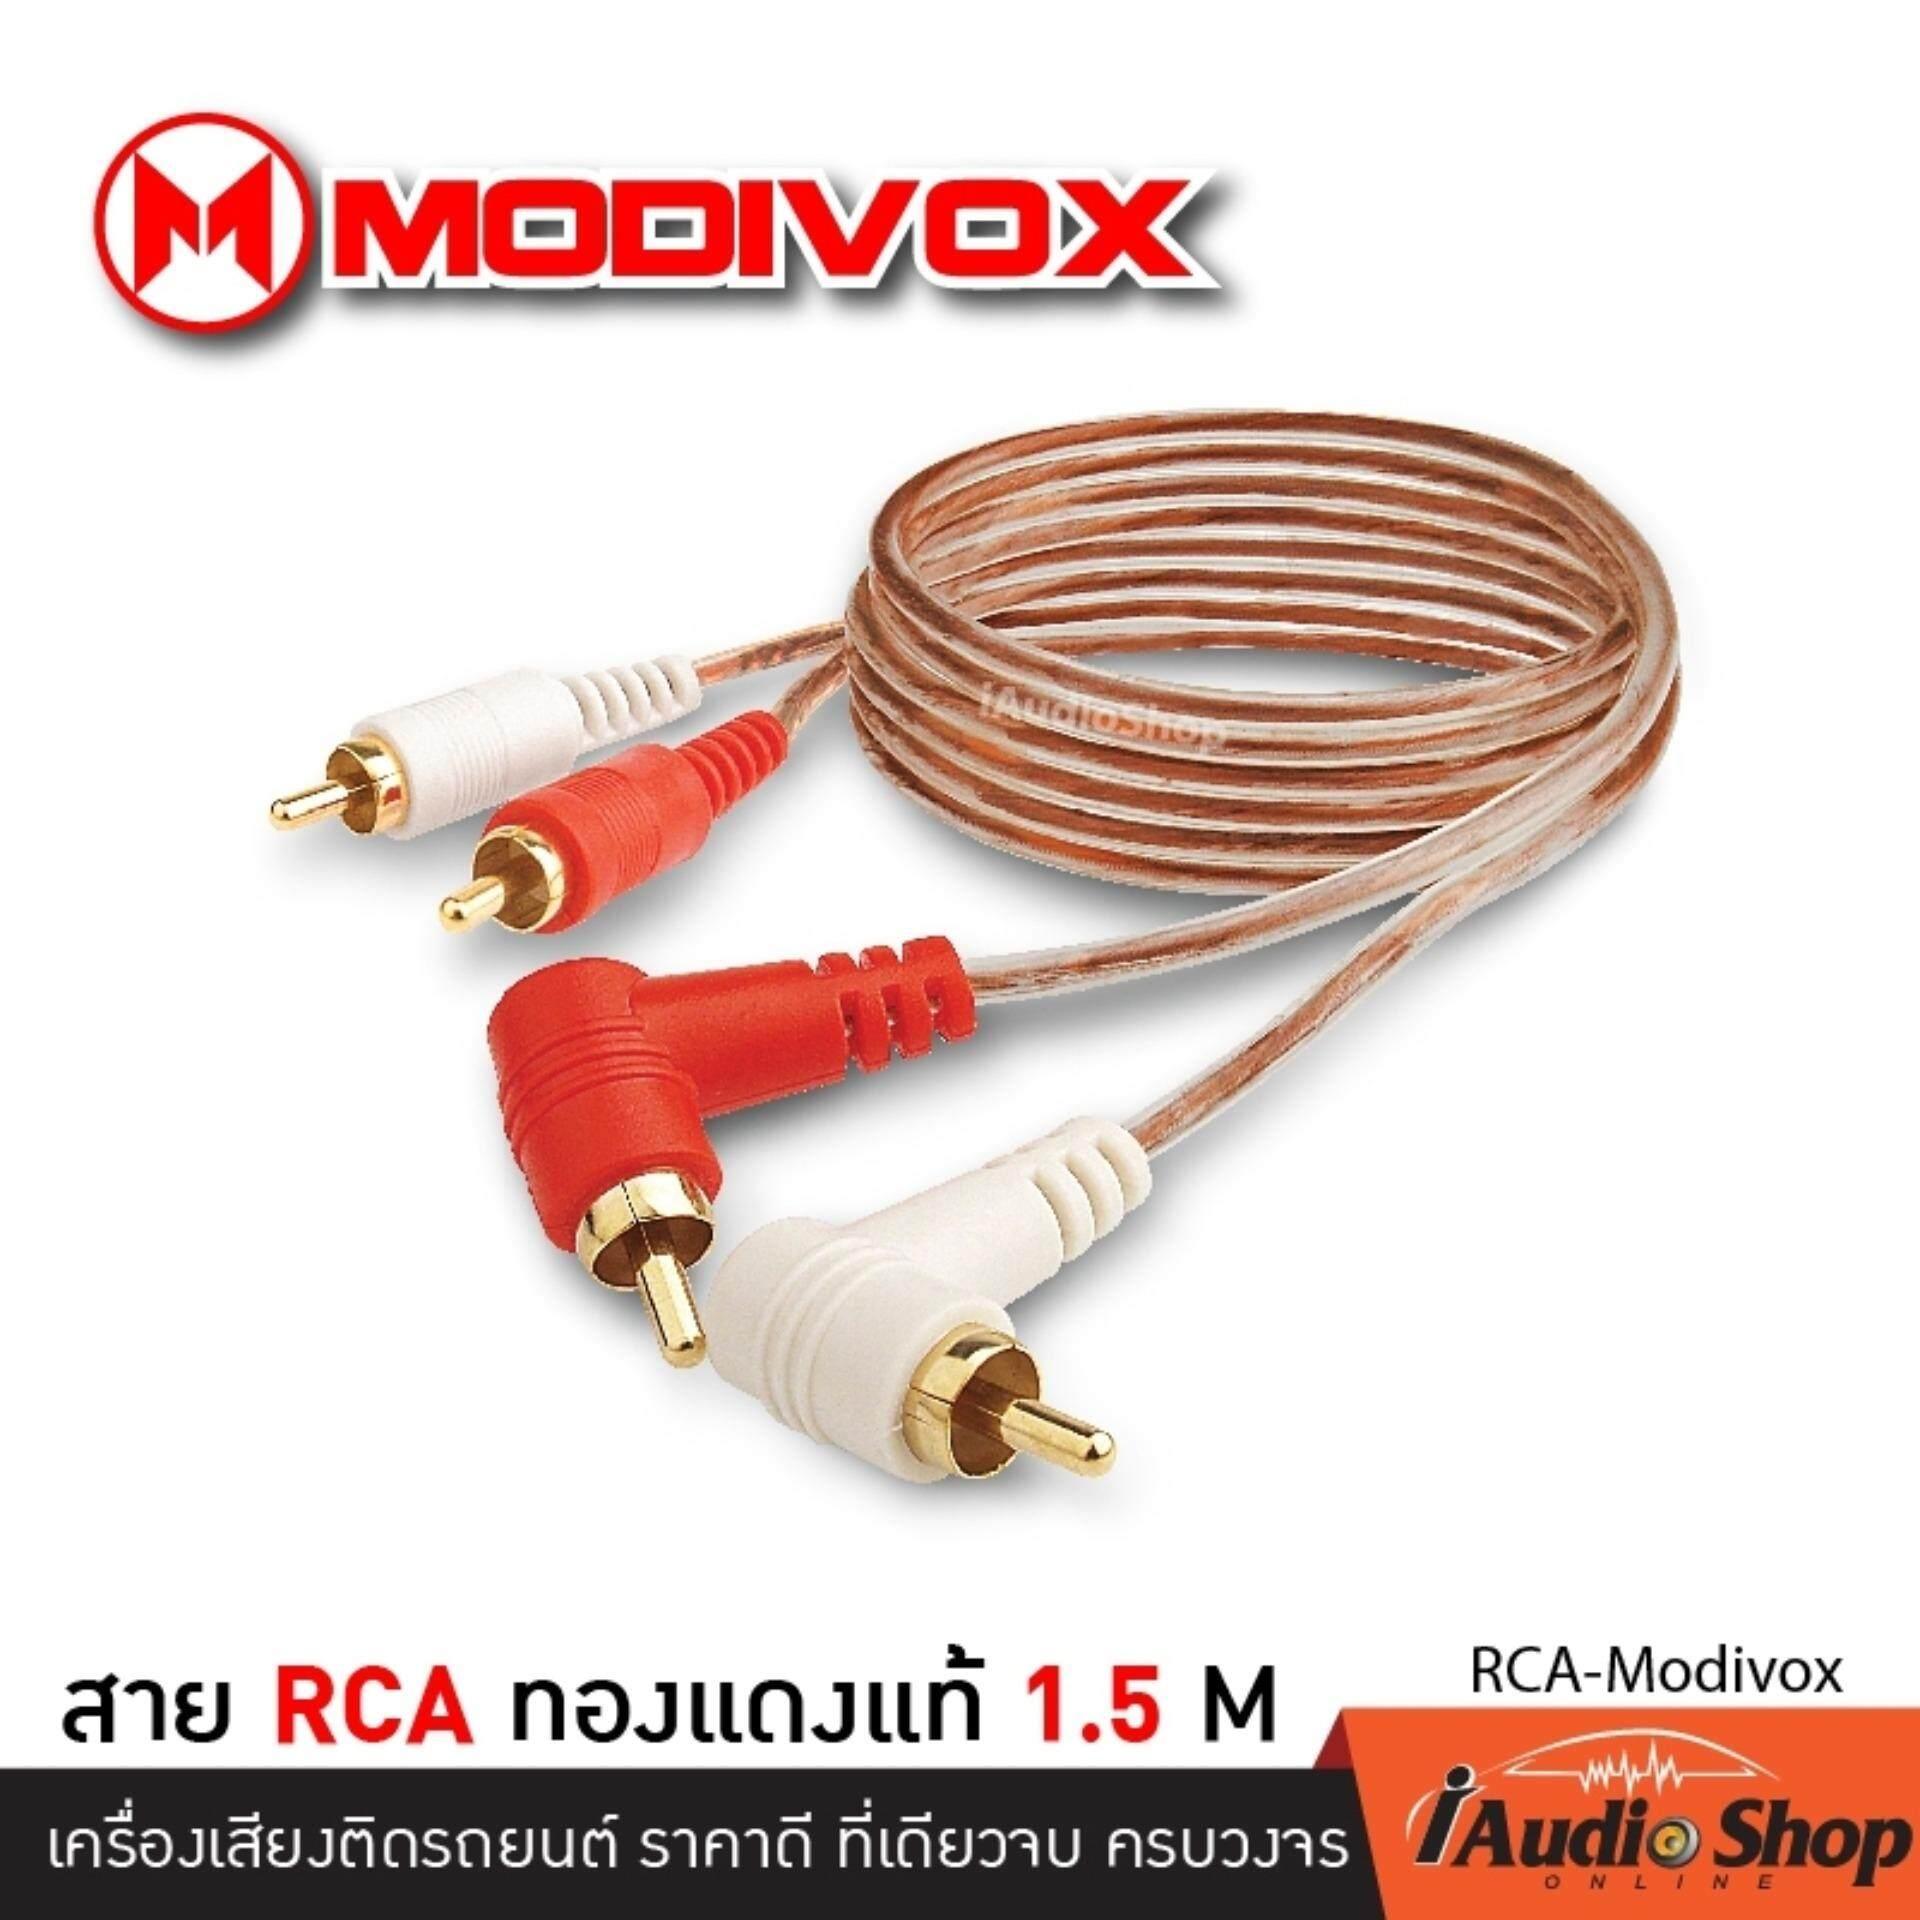 MODIVOX สายสัญญาณ ขนาด 1.5 เมตร สายRCA สายสัญญาณทองแดงแท้ 99% สายทองแดงแท้ 99% จำนวน 1เส้น